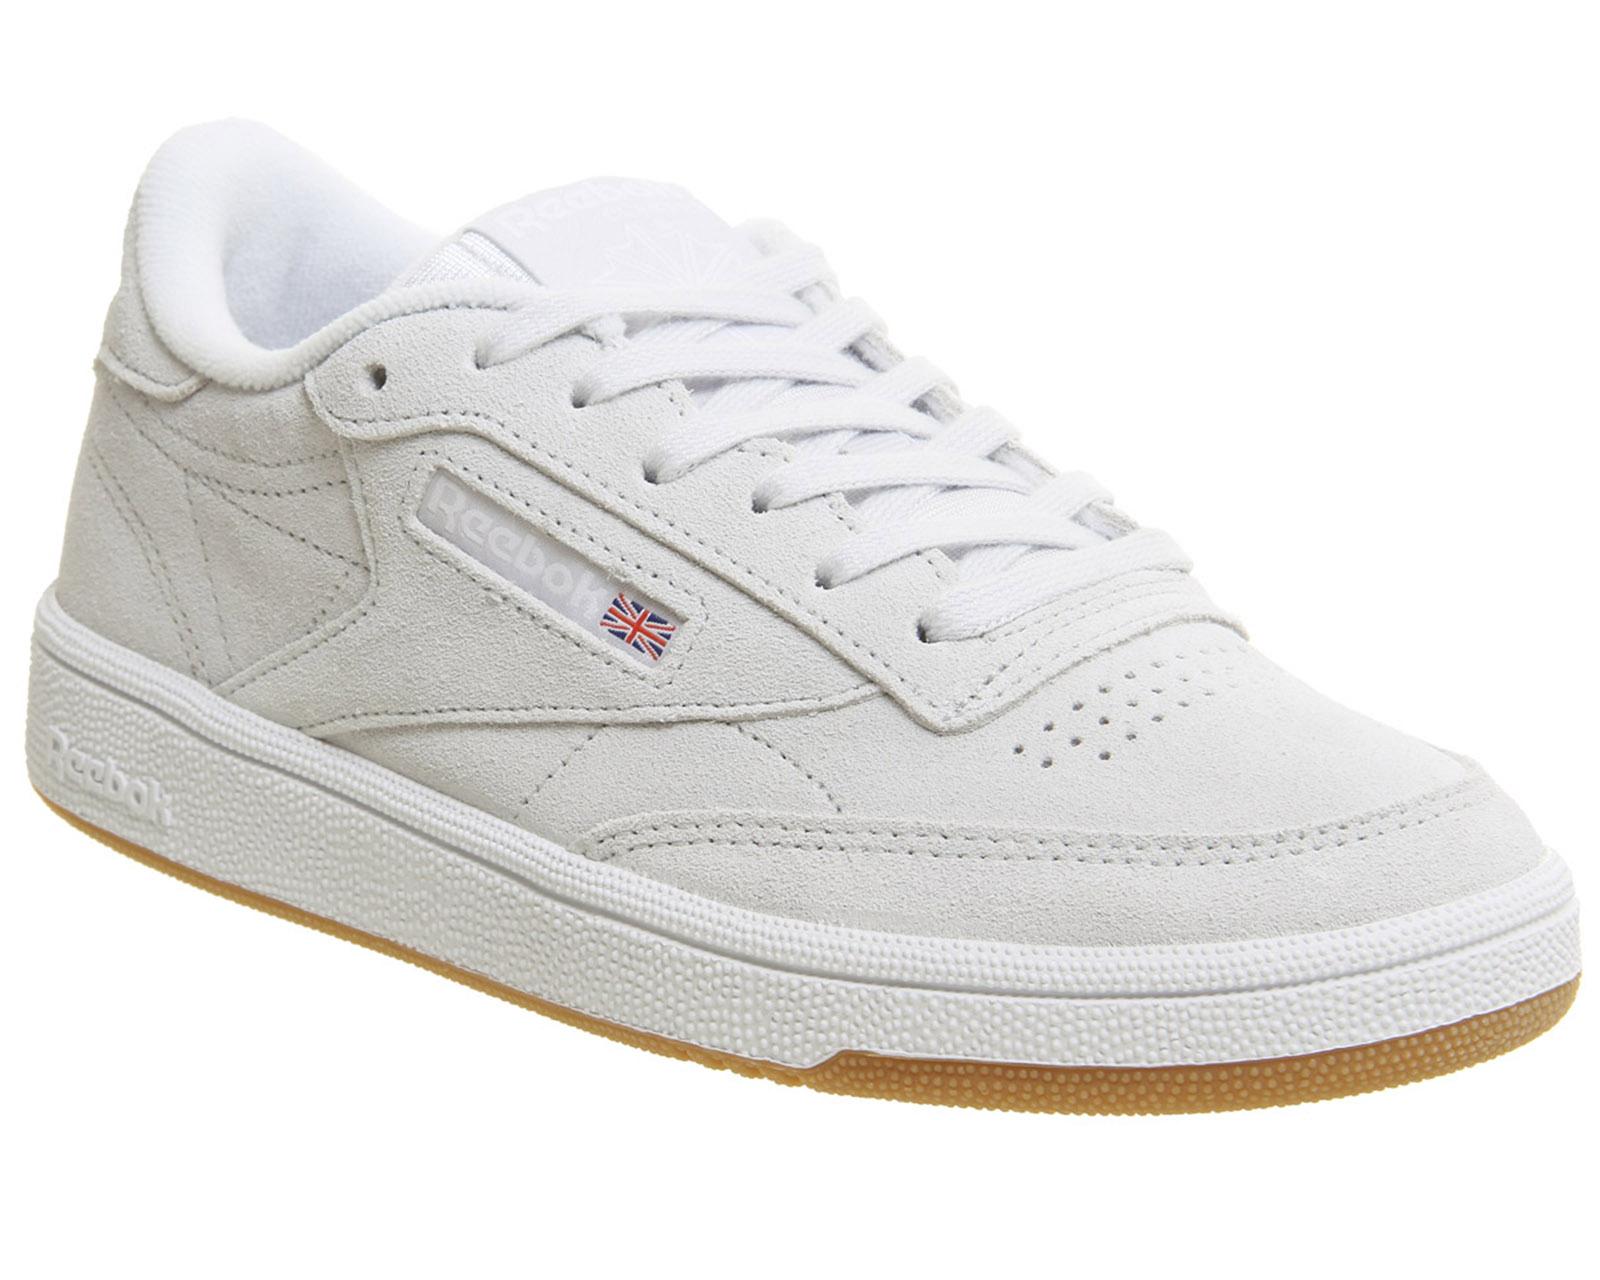 3b7781eb5b51 Sentinel Womens Reebok Club C 85 Trainers Spirit White White Gum Trainers  Shoes